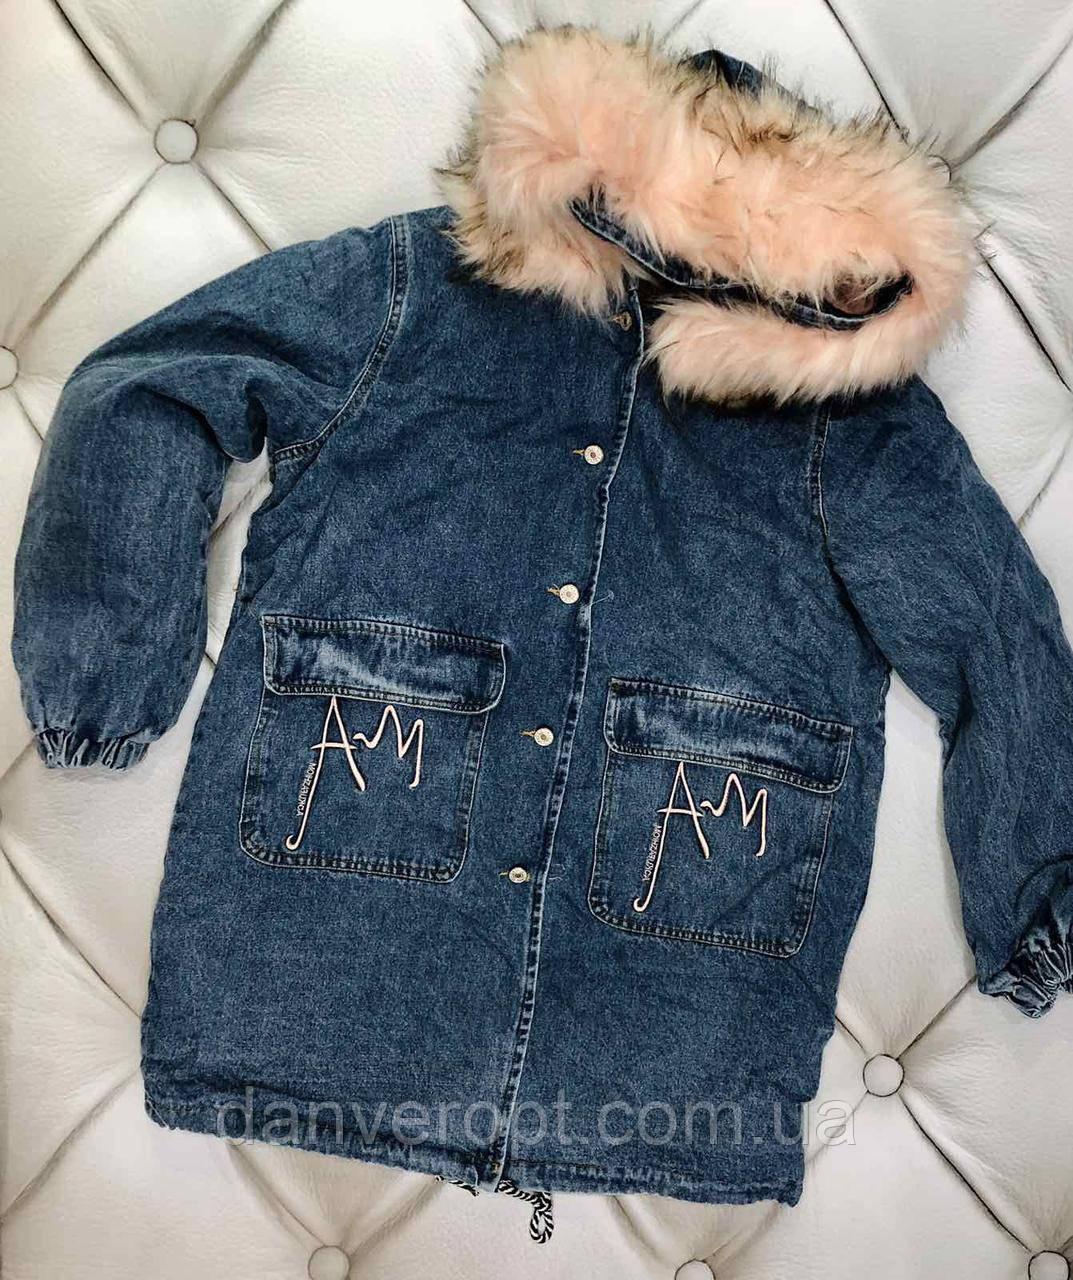 Куртка-парка джинсовая женская стильная на меху размер M-L, купить оптом со склада 7 км Одесса